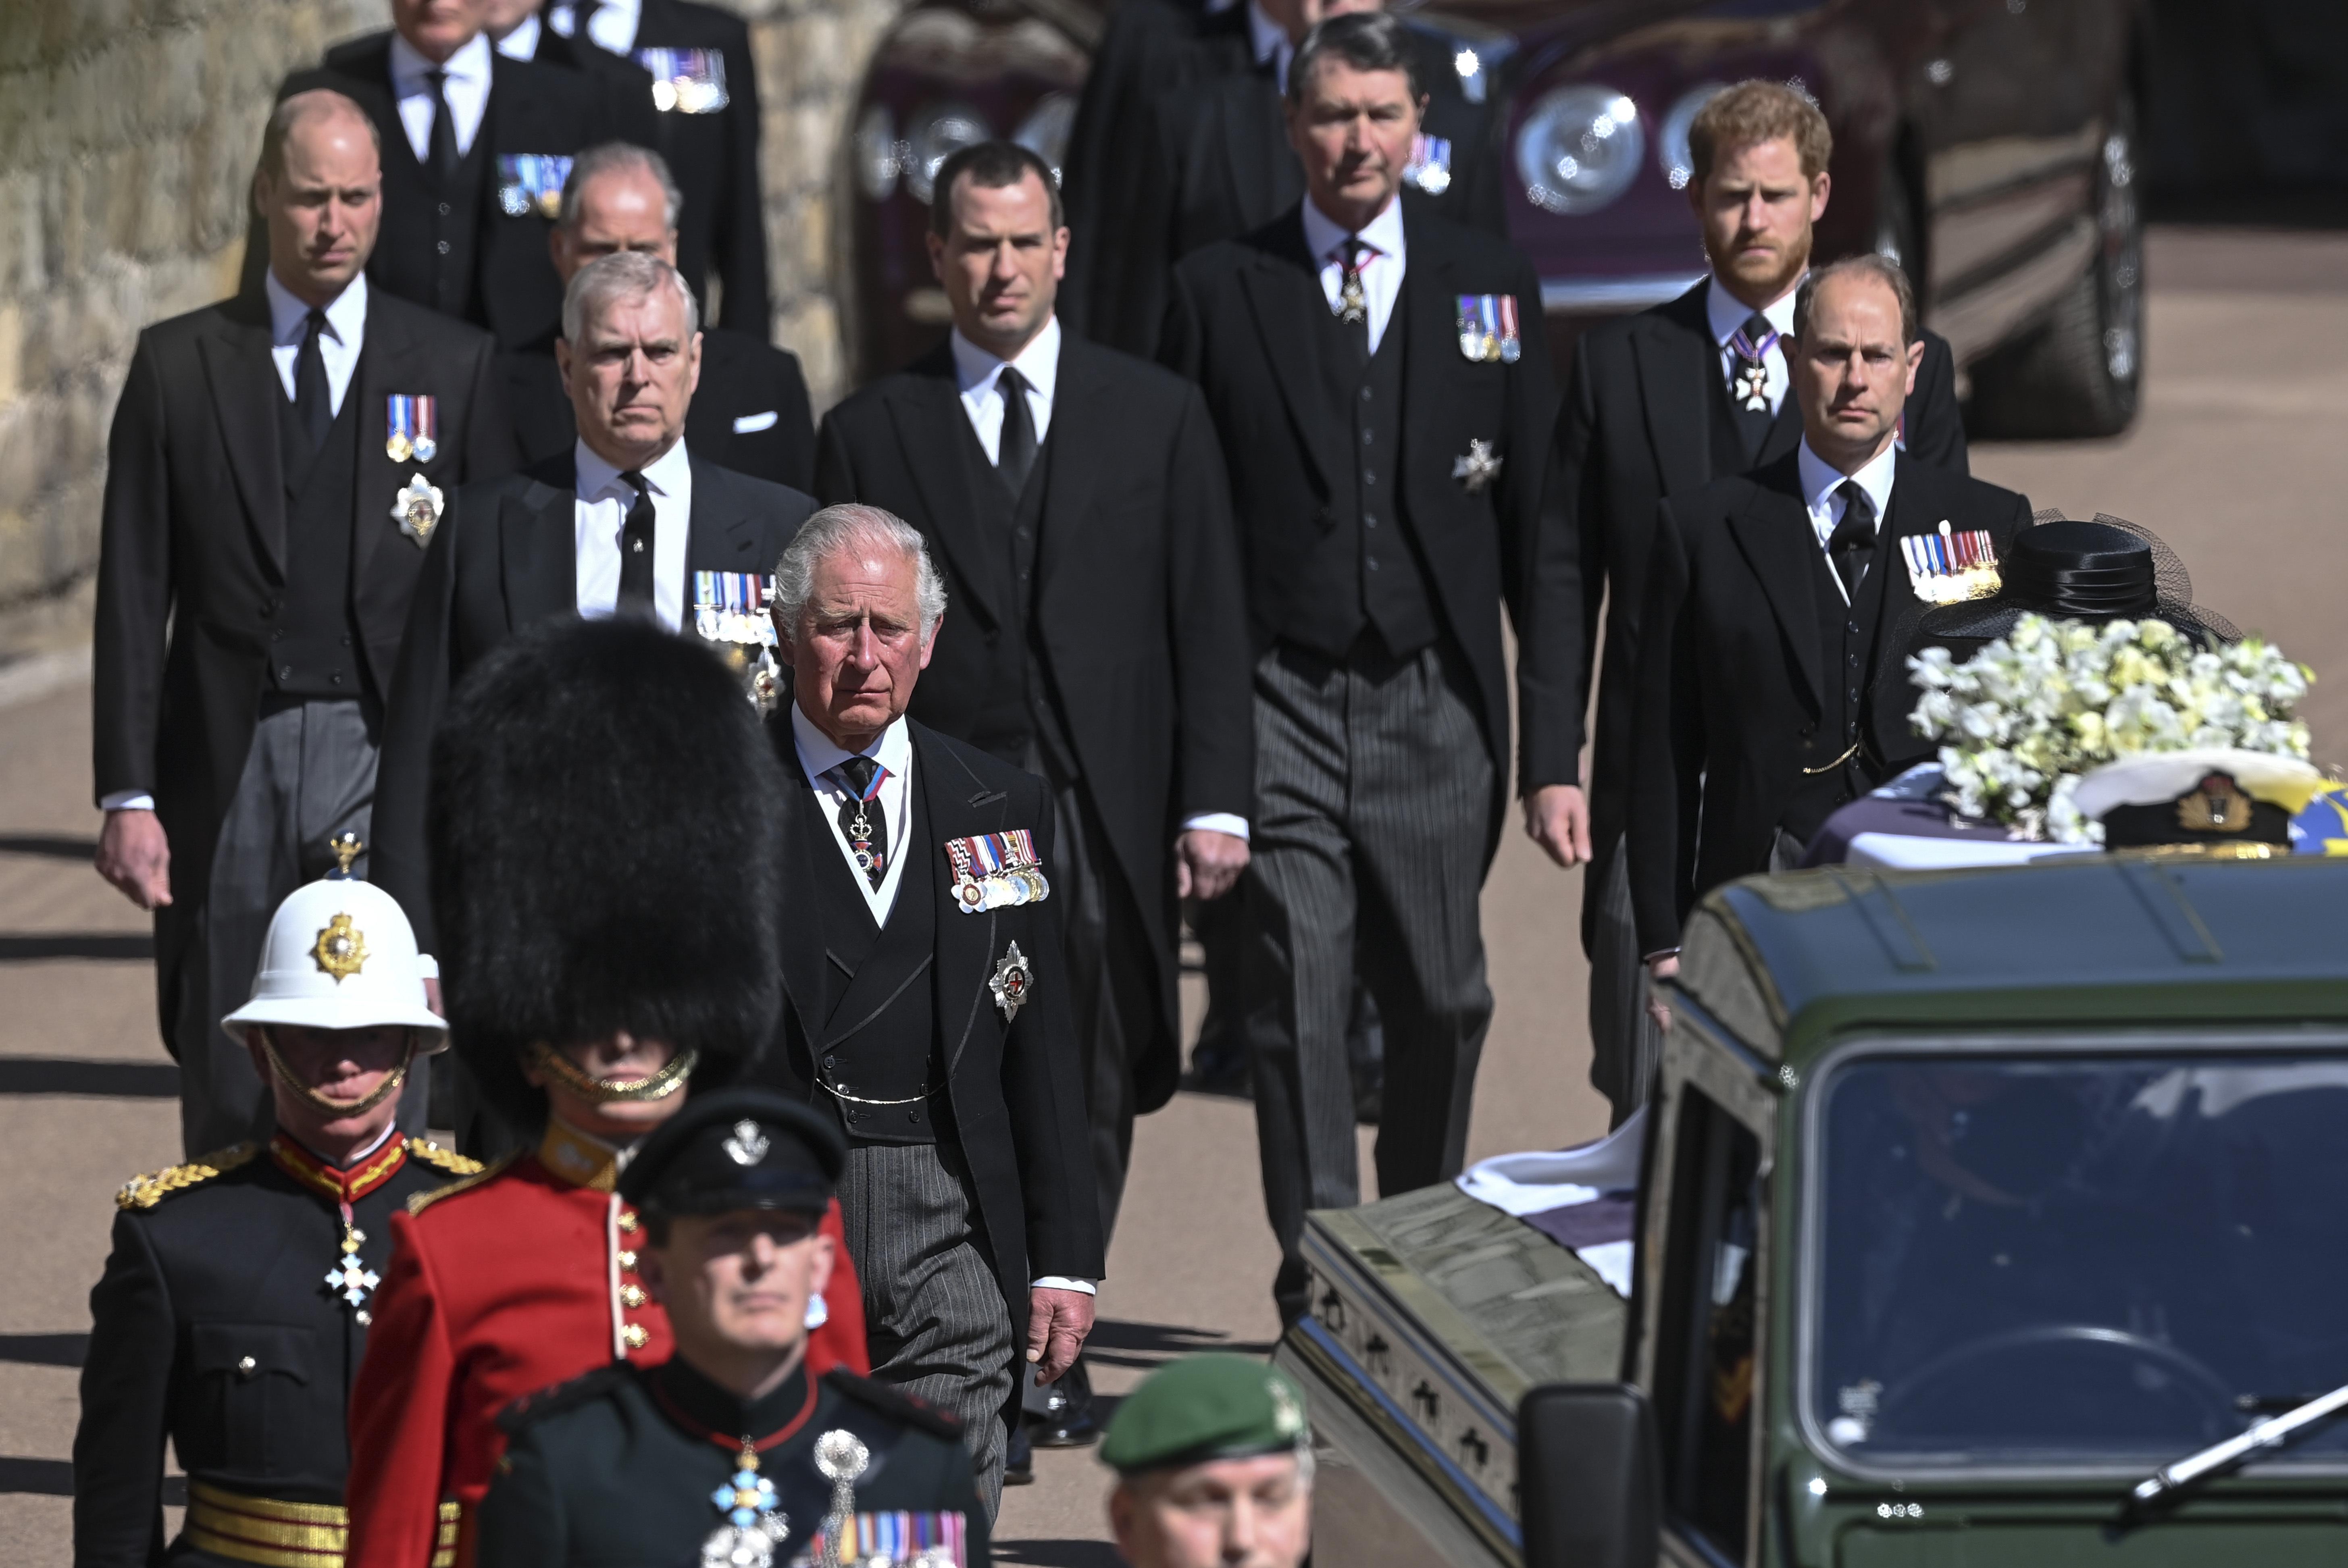 Принц Гарри со своим отцом и братом провели частную беседу после похорон герцога Эдинбургского